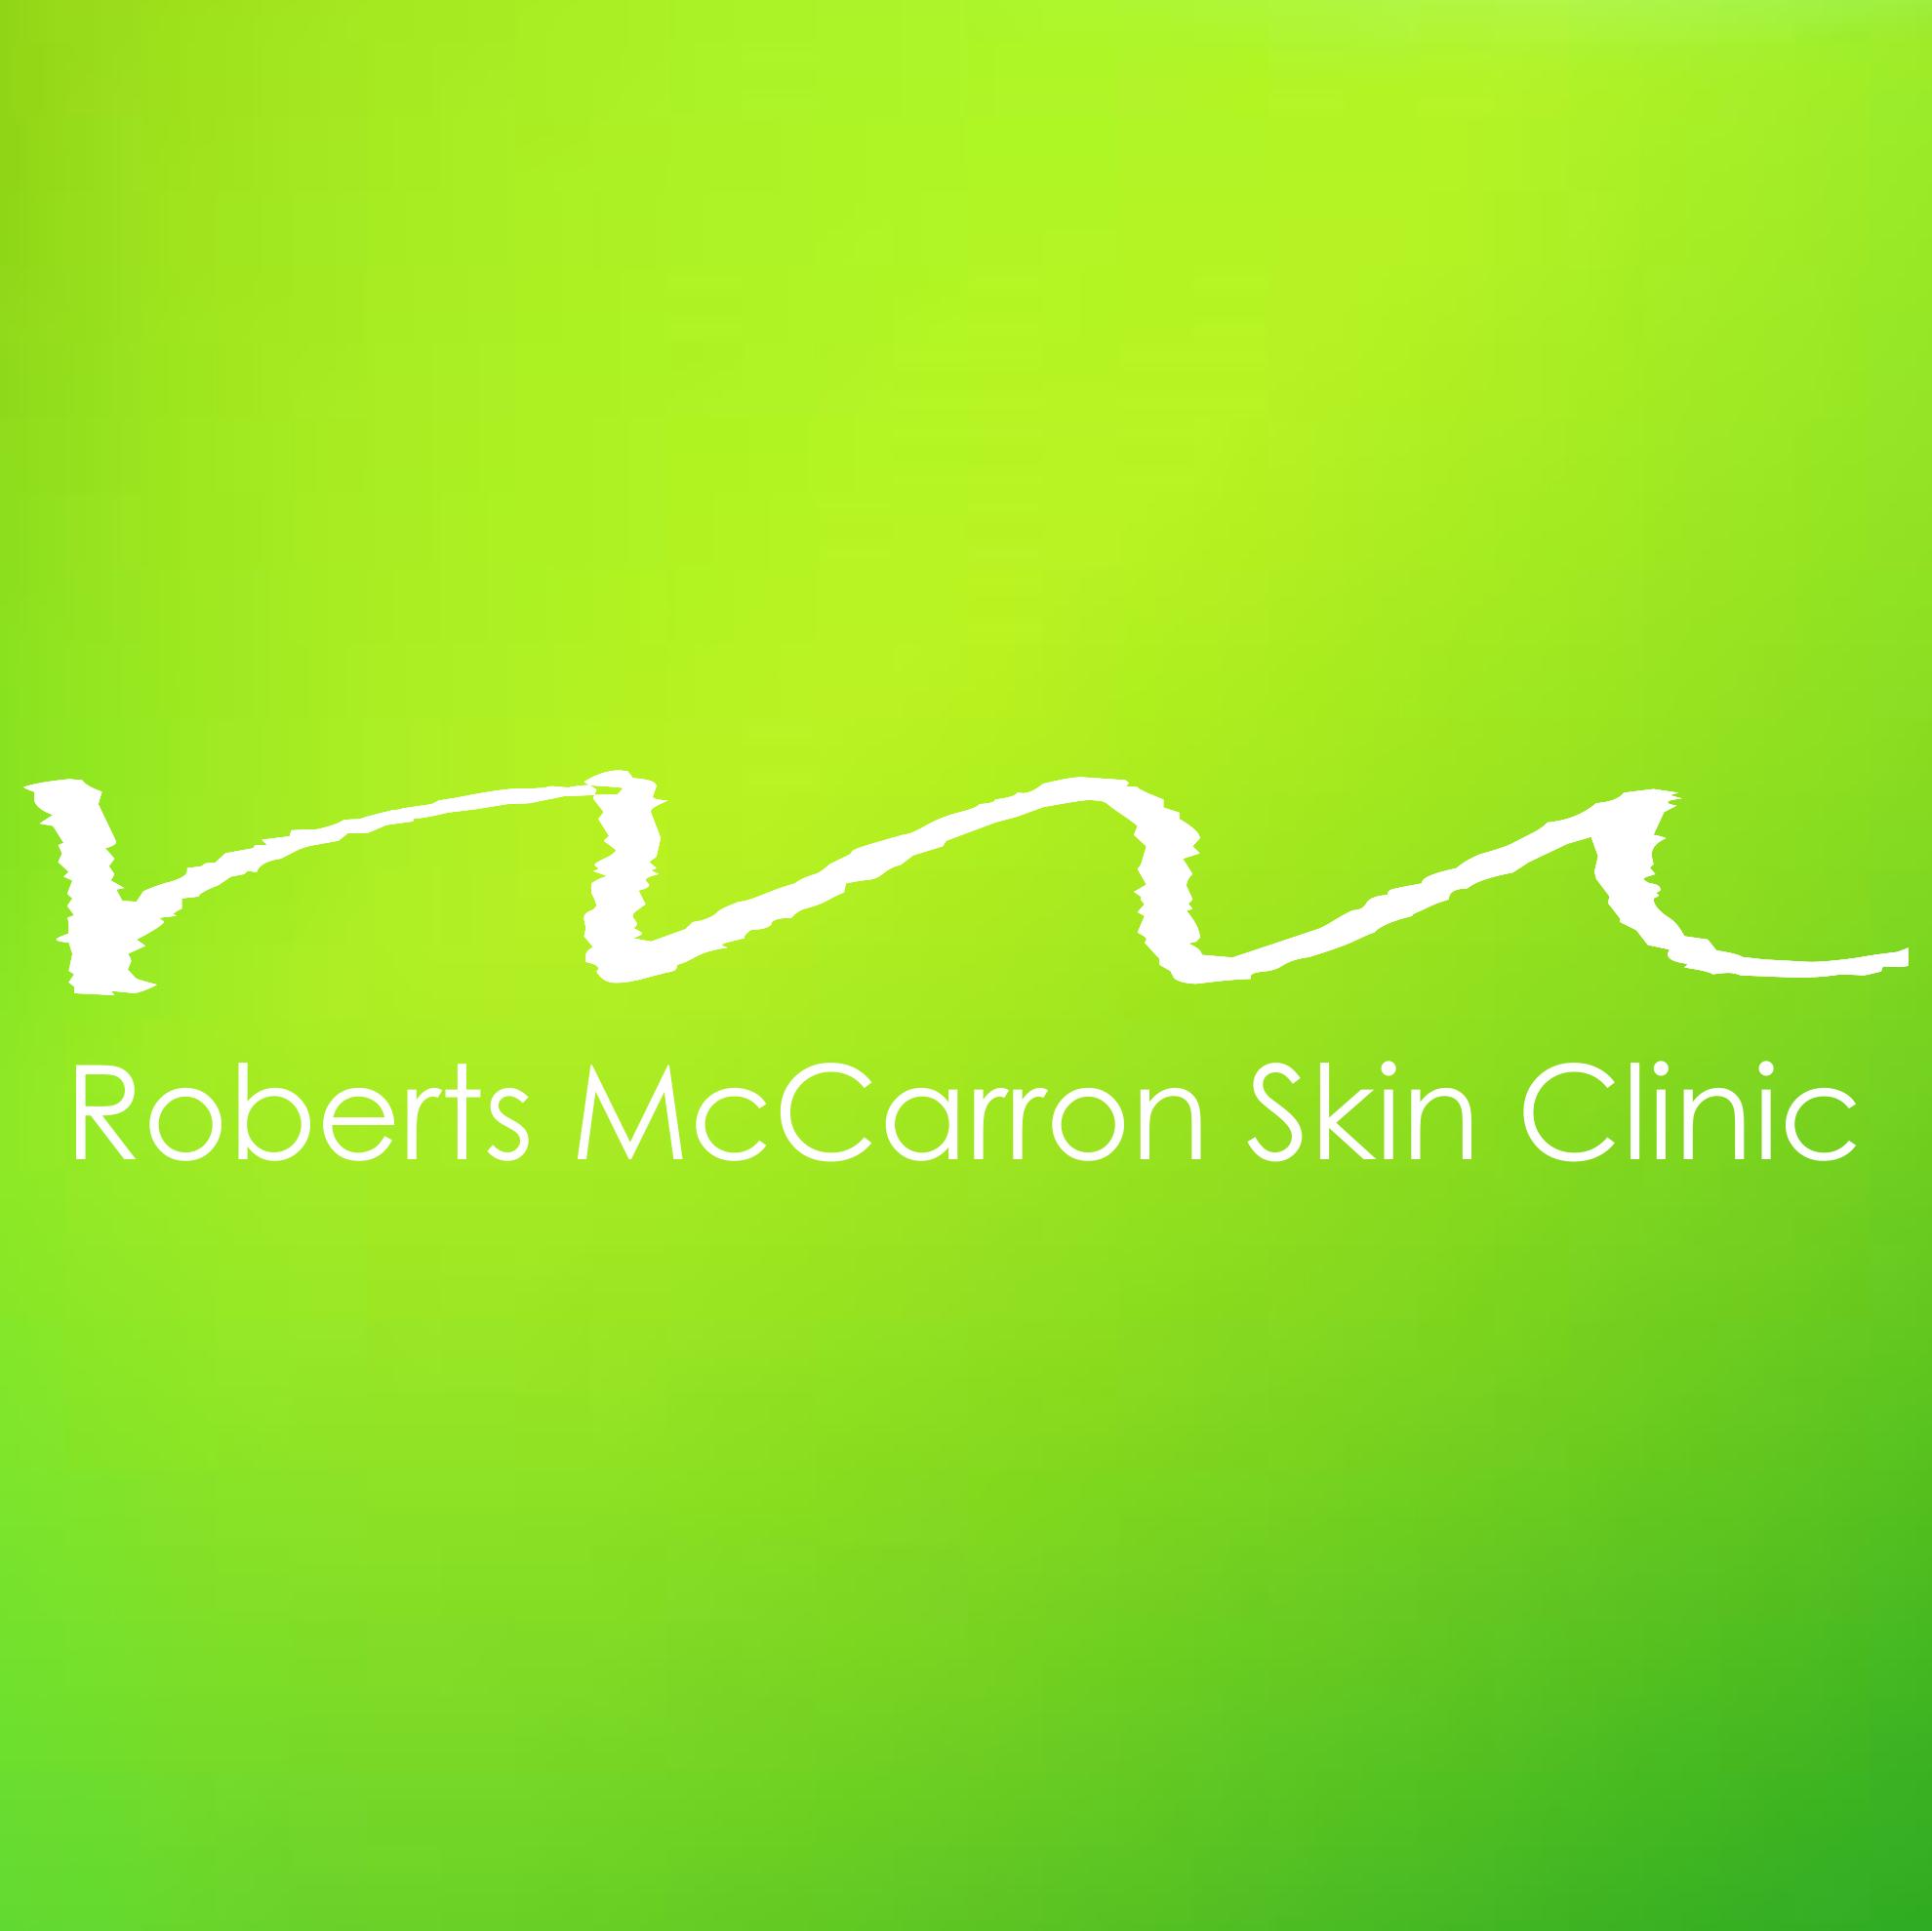 Roberts McCarron Skin Clinic